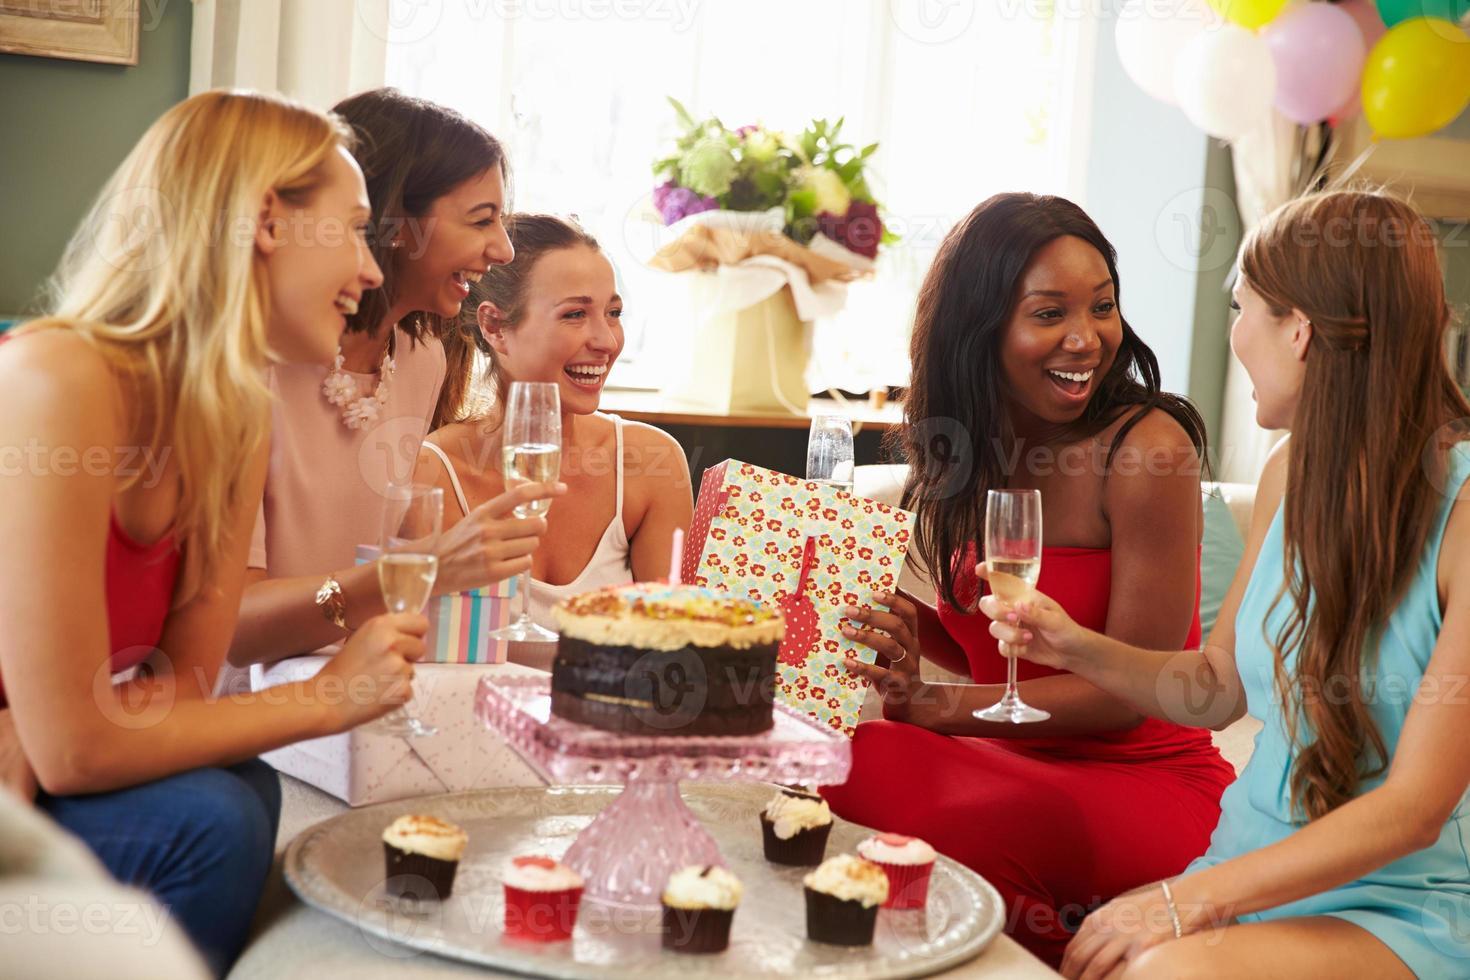 grupo de amigas comemorando aniversário em casa foto